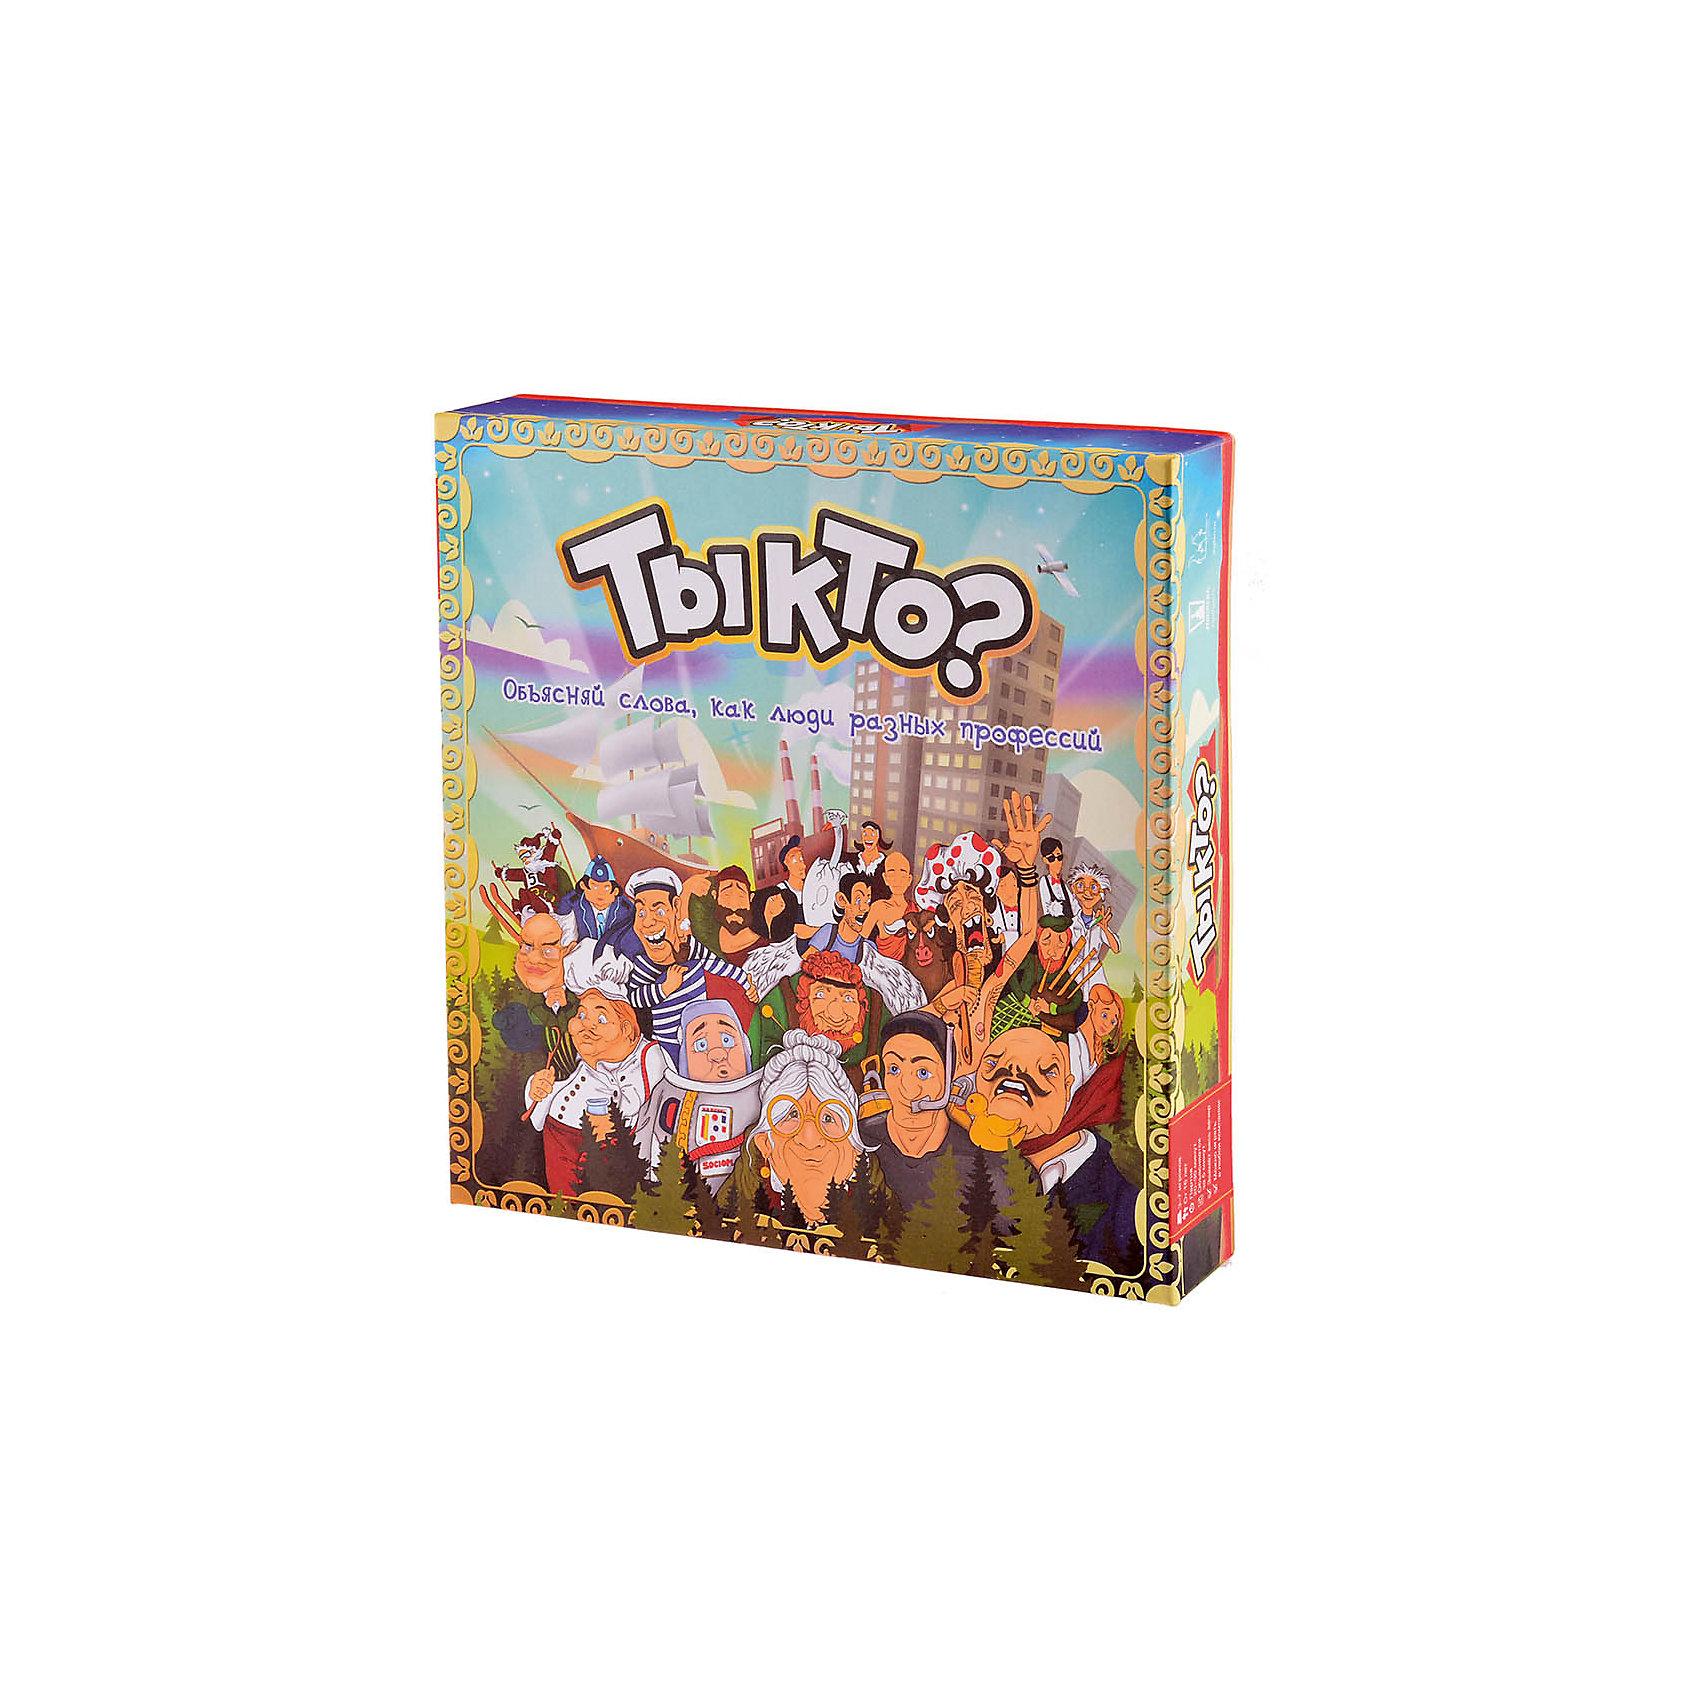 Настольная игра Ты кто?, МагелланНастольные игры для всей семьи<br>Характеристики:<br><br>• возраст: от 15 лет<br>• комплектация: 87 карточек профессии; 150 карт со словами для объяснений; 80 карточек золотых слитков; правила.<br>• материал: картон<br>• количество игроков: от 3 до 7 человек<br>• время игры: 20-30 минут<br>• упаковка: картонная коробка<br>• размер упаковки: 24,5х24,5х4,5 см.<br>• вес: 620 гр.<br><br>Настольная игра «Ты кто?» - это игра, в которой надо придумывать истории от лица человека определённой профессии, чтобы другие отгадывали, кто вы такой. Но все не так просто, истории ограничены ключевыми словами.<br><br>Каждый из игроков получает одну карту профессии и семь карт слов. Никто не должен видеть карт другого. В начале хода игрок выбирает из своих семи карт слов три, остальные карты сбрасывает. Теперь он должен рассказать историю от лица своей профессии, обязательно используя три ключевых слова, но, не называя саму профессию, а только намекая на неё. Задача участников игры угадать профессию. Если никто не отгадал, рассказчик теряет два своих золотых слитка. Но если отгадали все, он теряет целых три золотых слитка. То есть, очень важно рассказать так, чтобы отгадка была не слишком очевидна. За отгаданные профессии слитки получают и отгадавшие, и рассказчик. Победителем становится игрок, набравший слитков больше остальных.<br><br>Игра развивает фантазию, воображение и логическое мышление, обогащает словарный запас.<br><br>Настольную игру Ты кто?, Магеллан можно купить в нашем интернет-магазине.<br><br>Ширина мм: 245<br>Глубина мм: 245<br>Высота мм: 45<br>Вес г: 620<br>Возраст от месяцев: 180<br>Возраст до месяцев: 2147483647<br>Пол: Унисекс<br>Возраст: Детский<br>SKU: 7036643